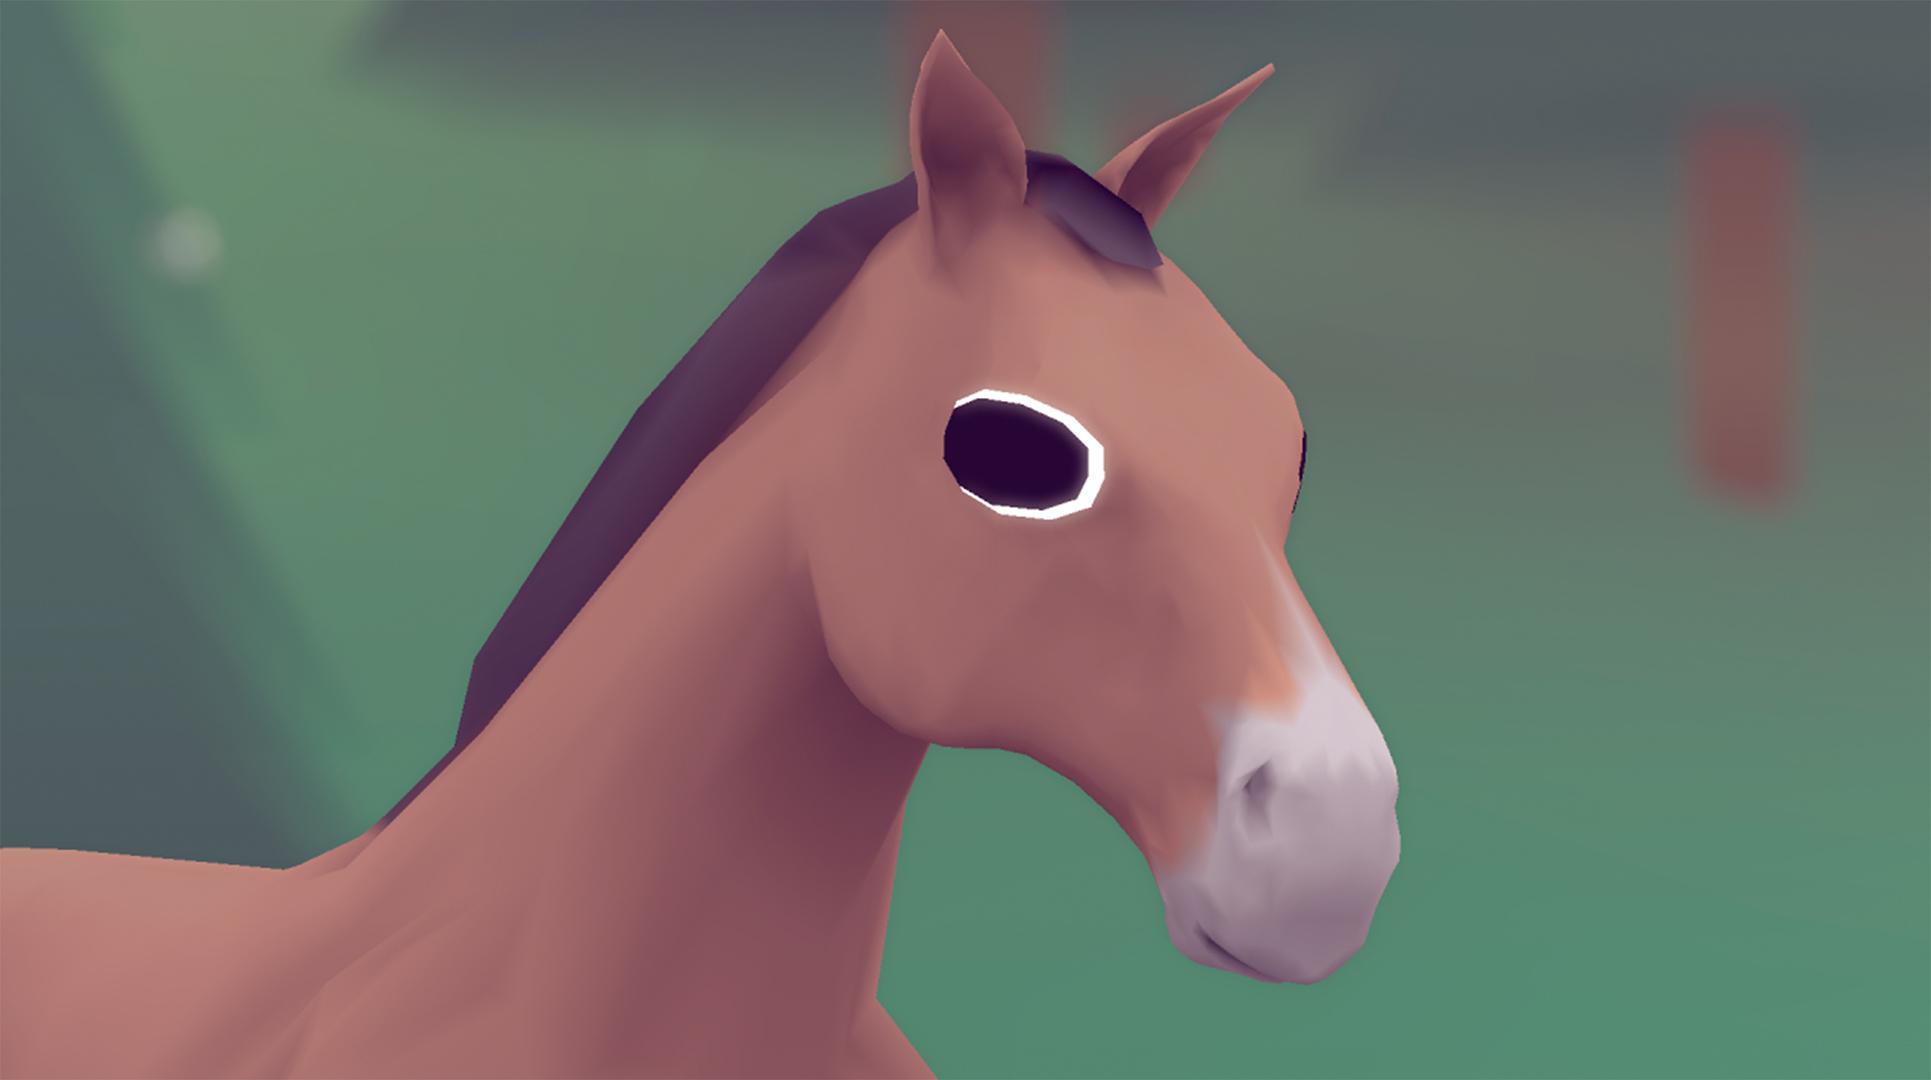 HorseRaisedBySpheres_still3.jpg